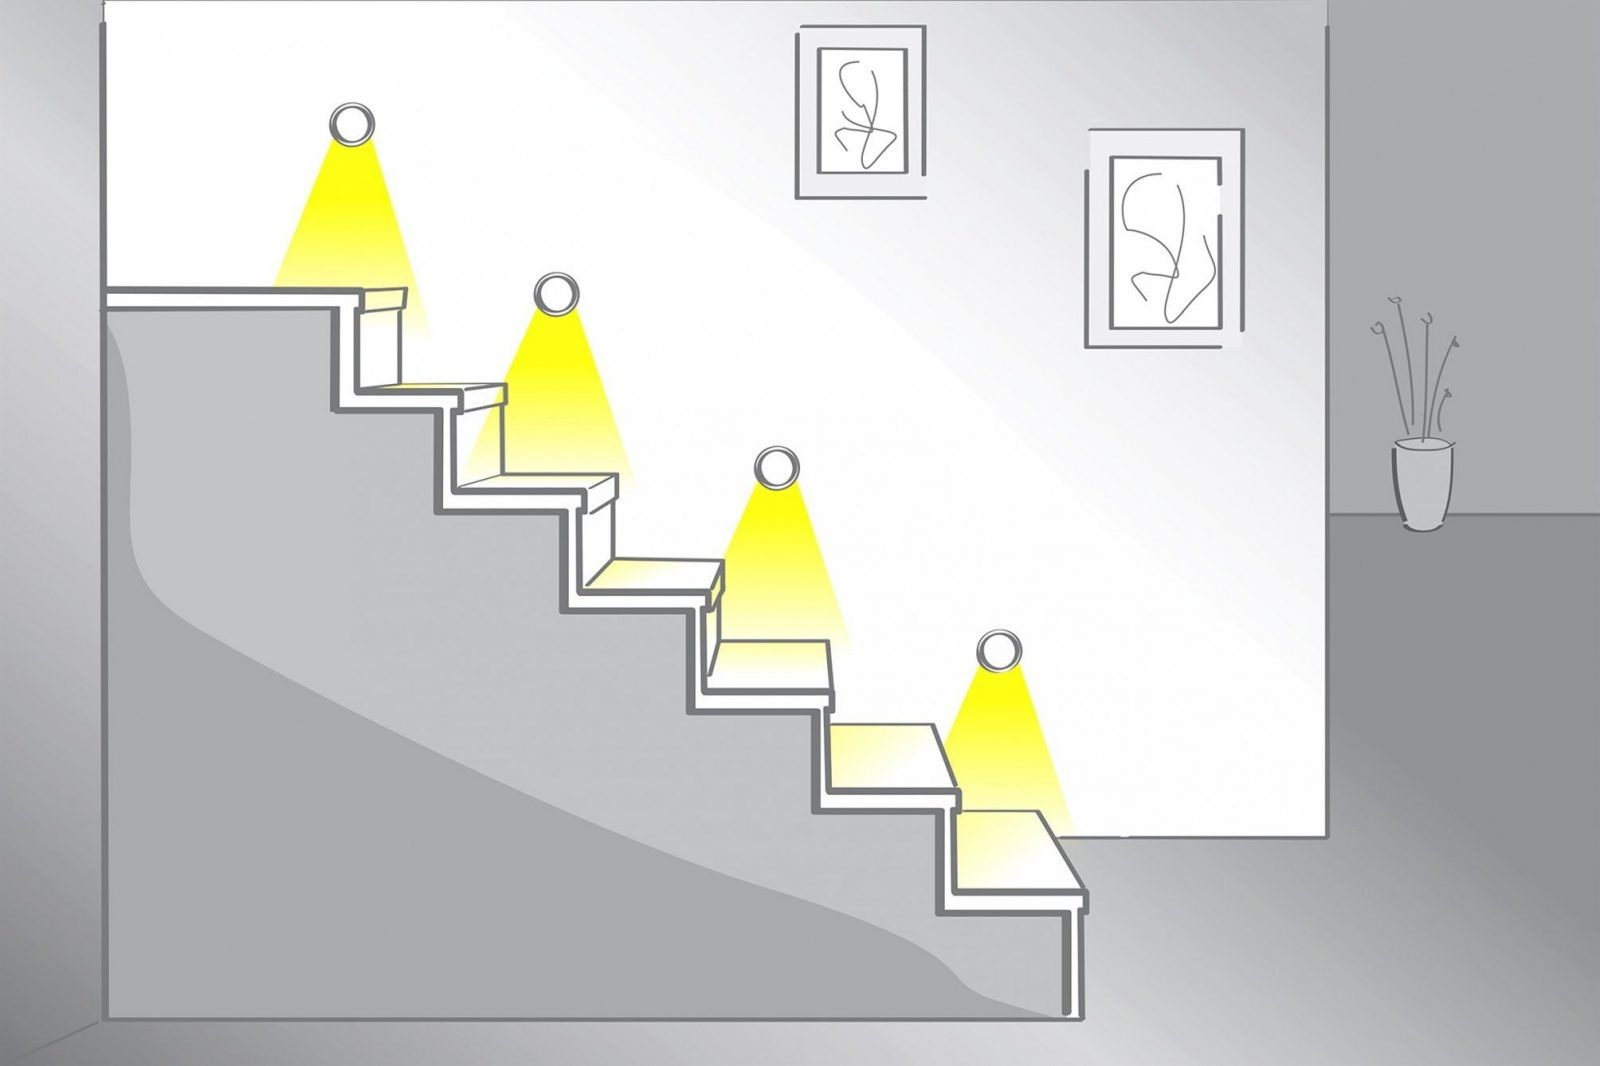 Schoene Ideen Flur Und Treppenbeleuchtung Mit Bewegungsmelder von Flur Und Treppenbeleuchtung Mit Bewegungsmelder Photo